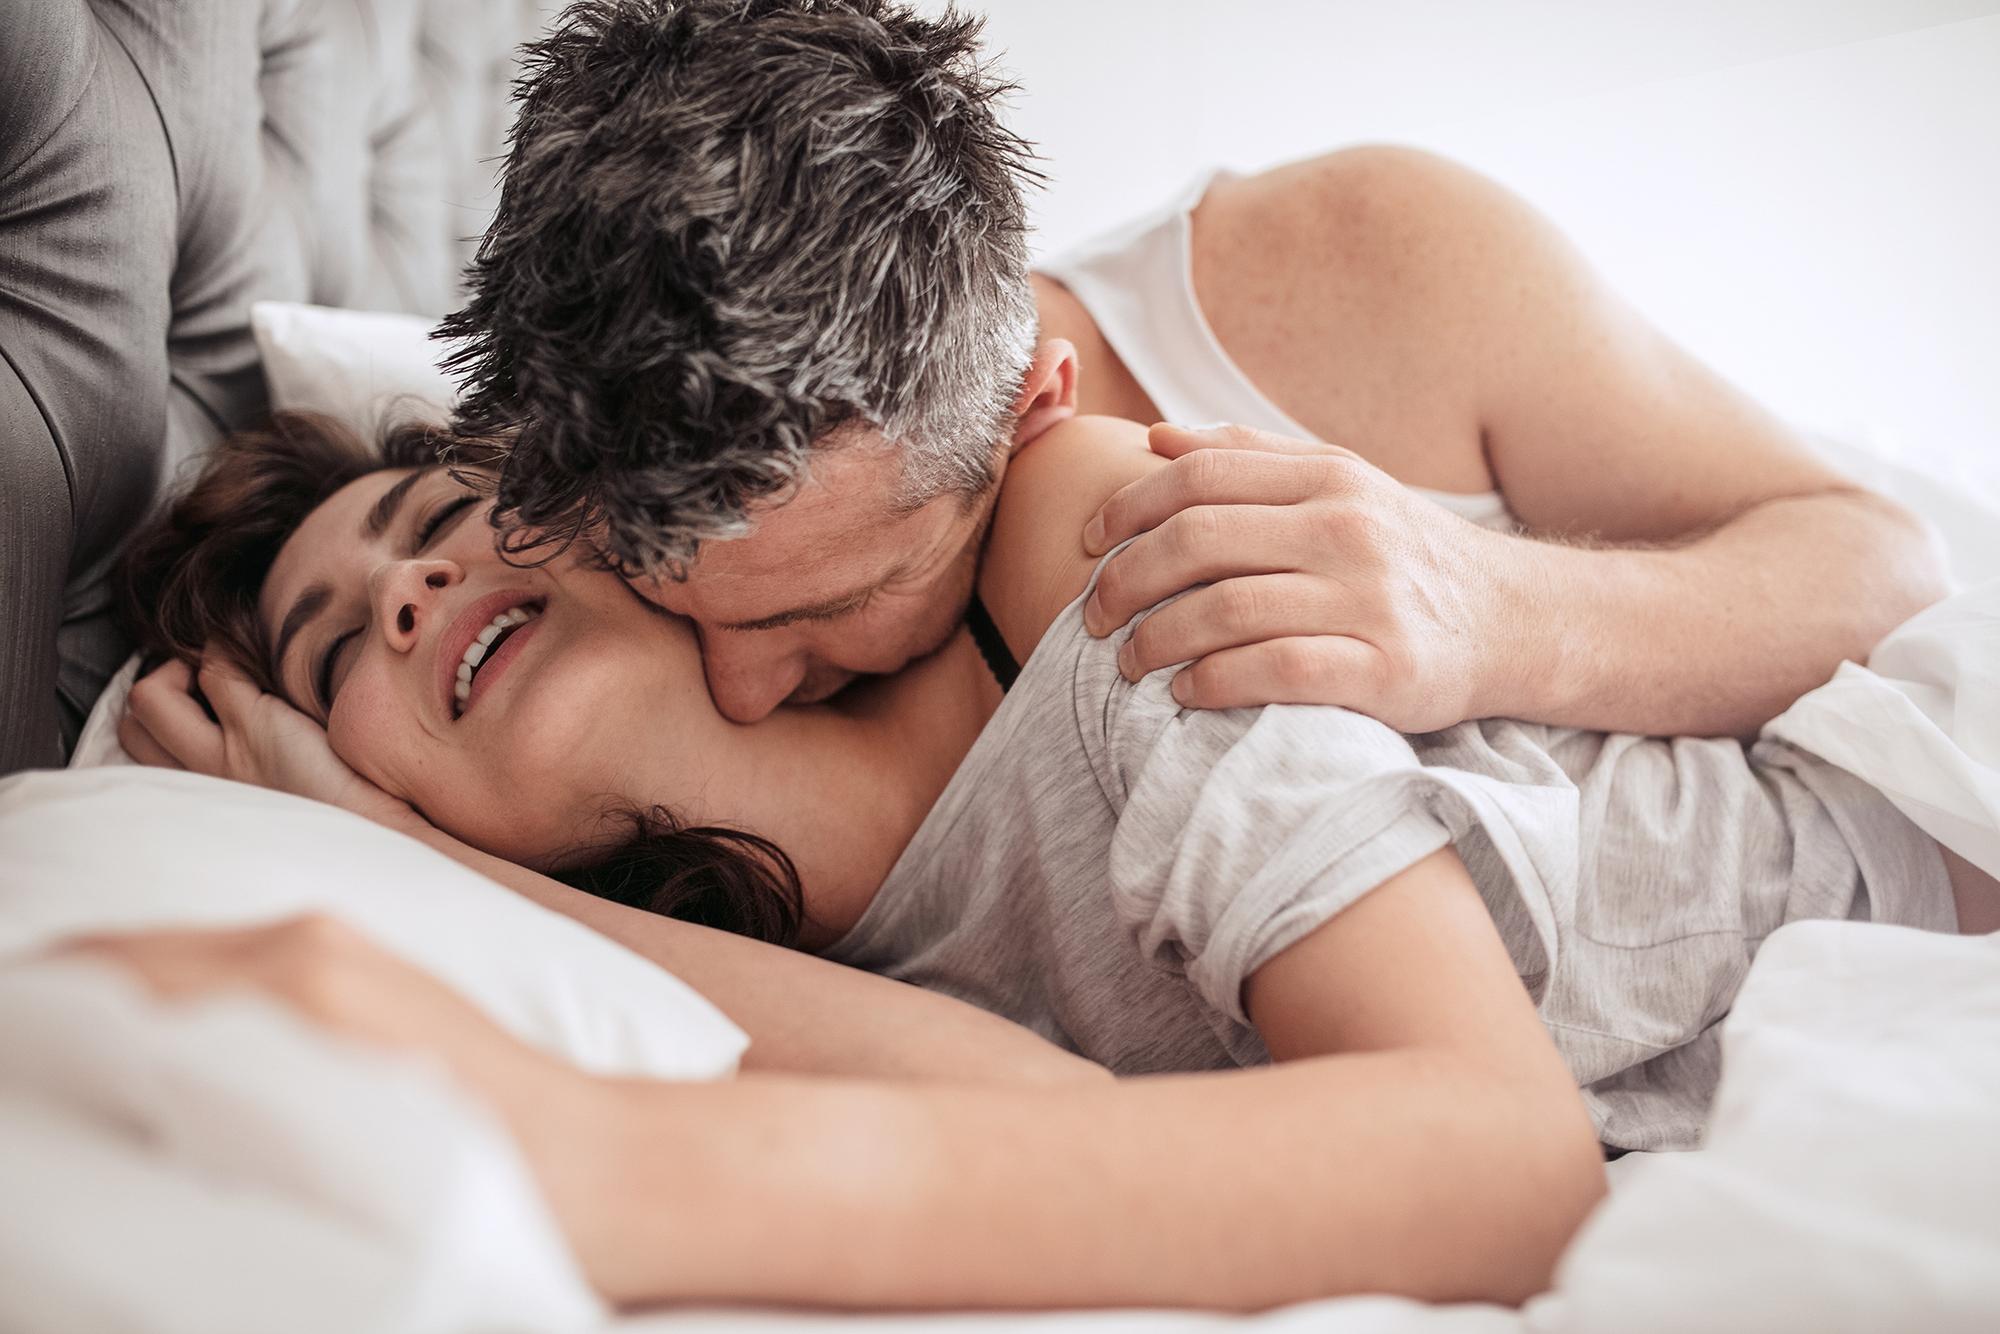 When a man kisses your neck